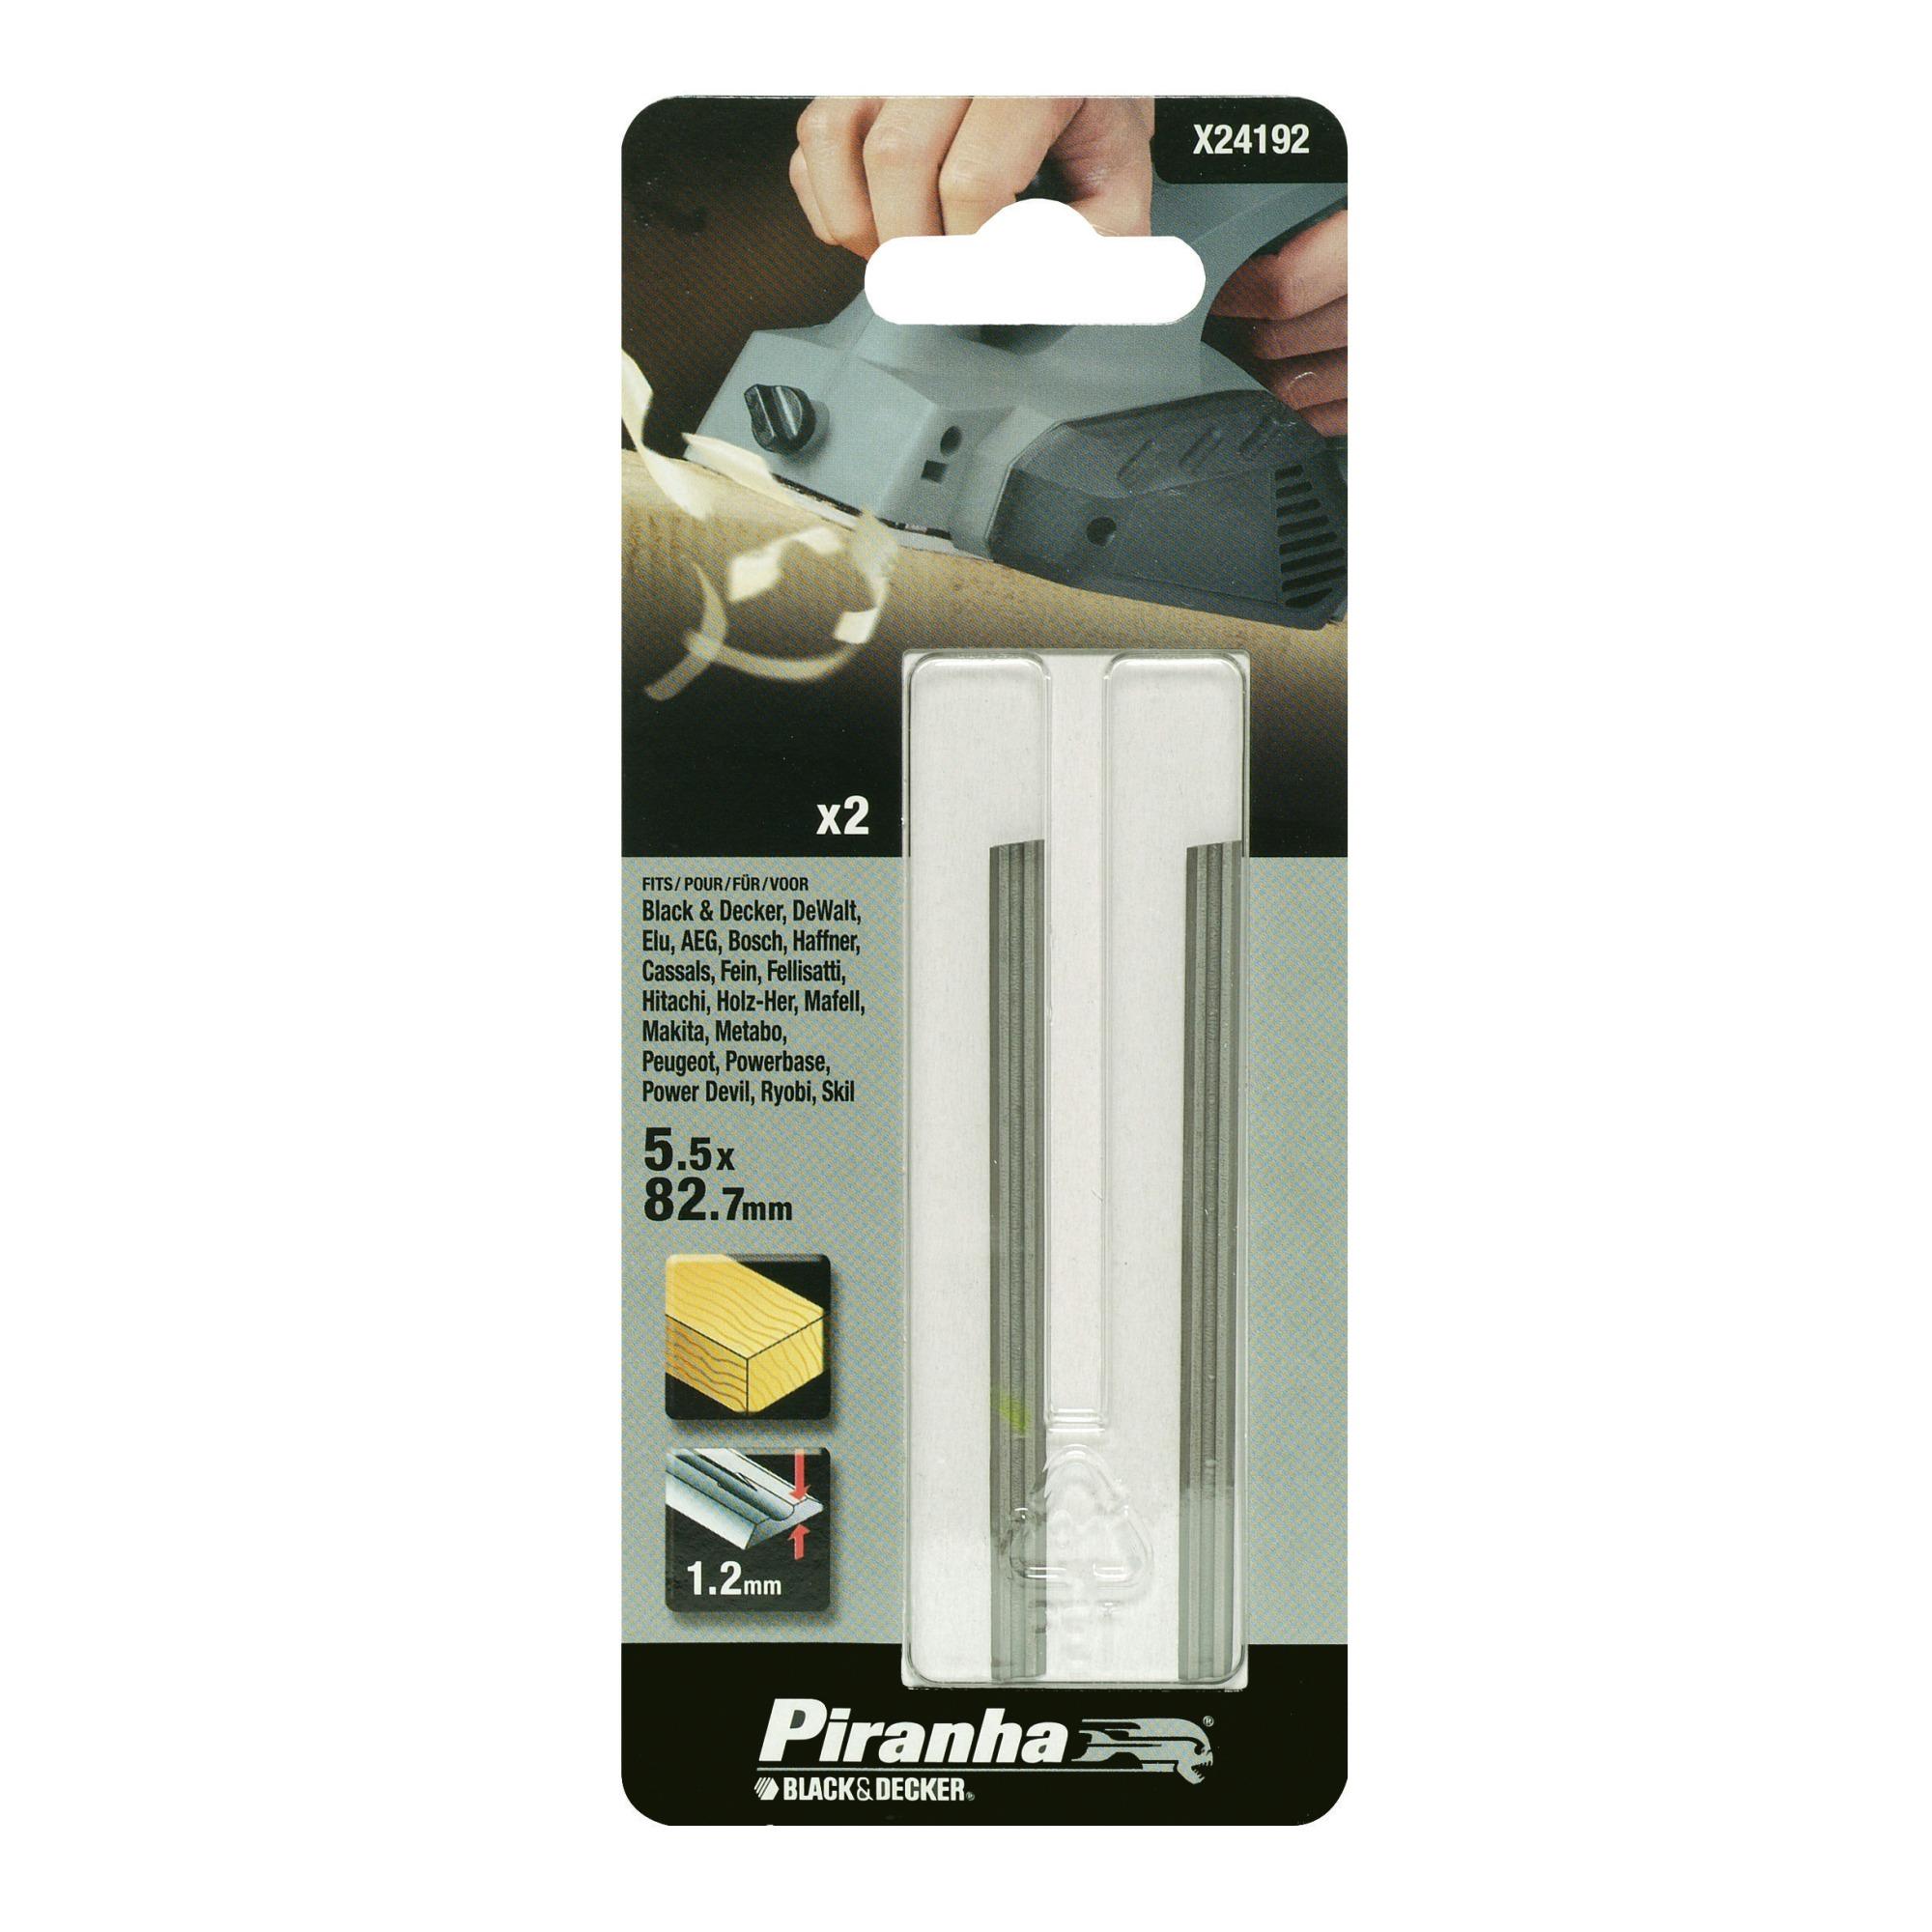 Piranha schaafbeitel X24192 HSS 5,5x82,7 mm (2 stuks) voor hout